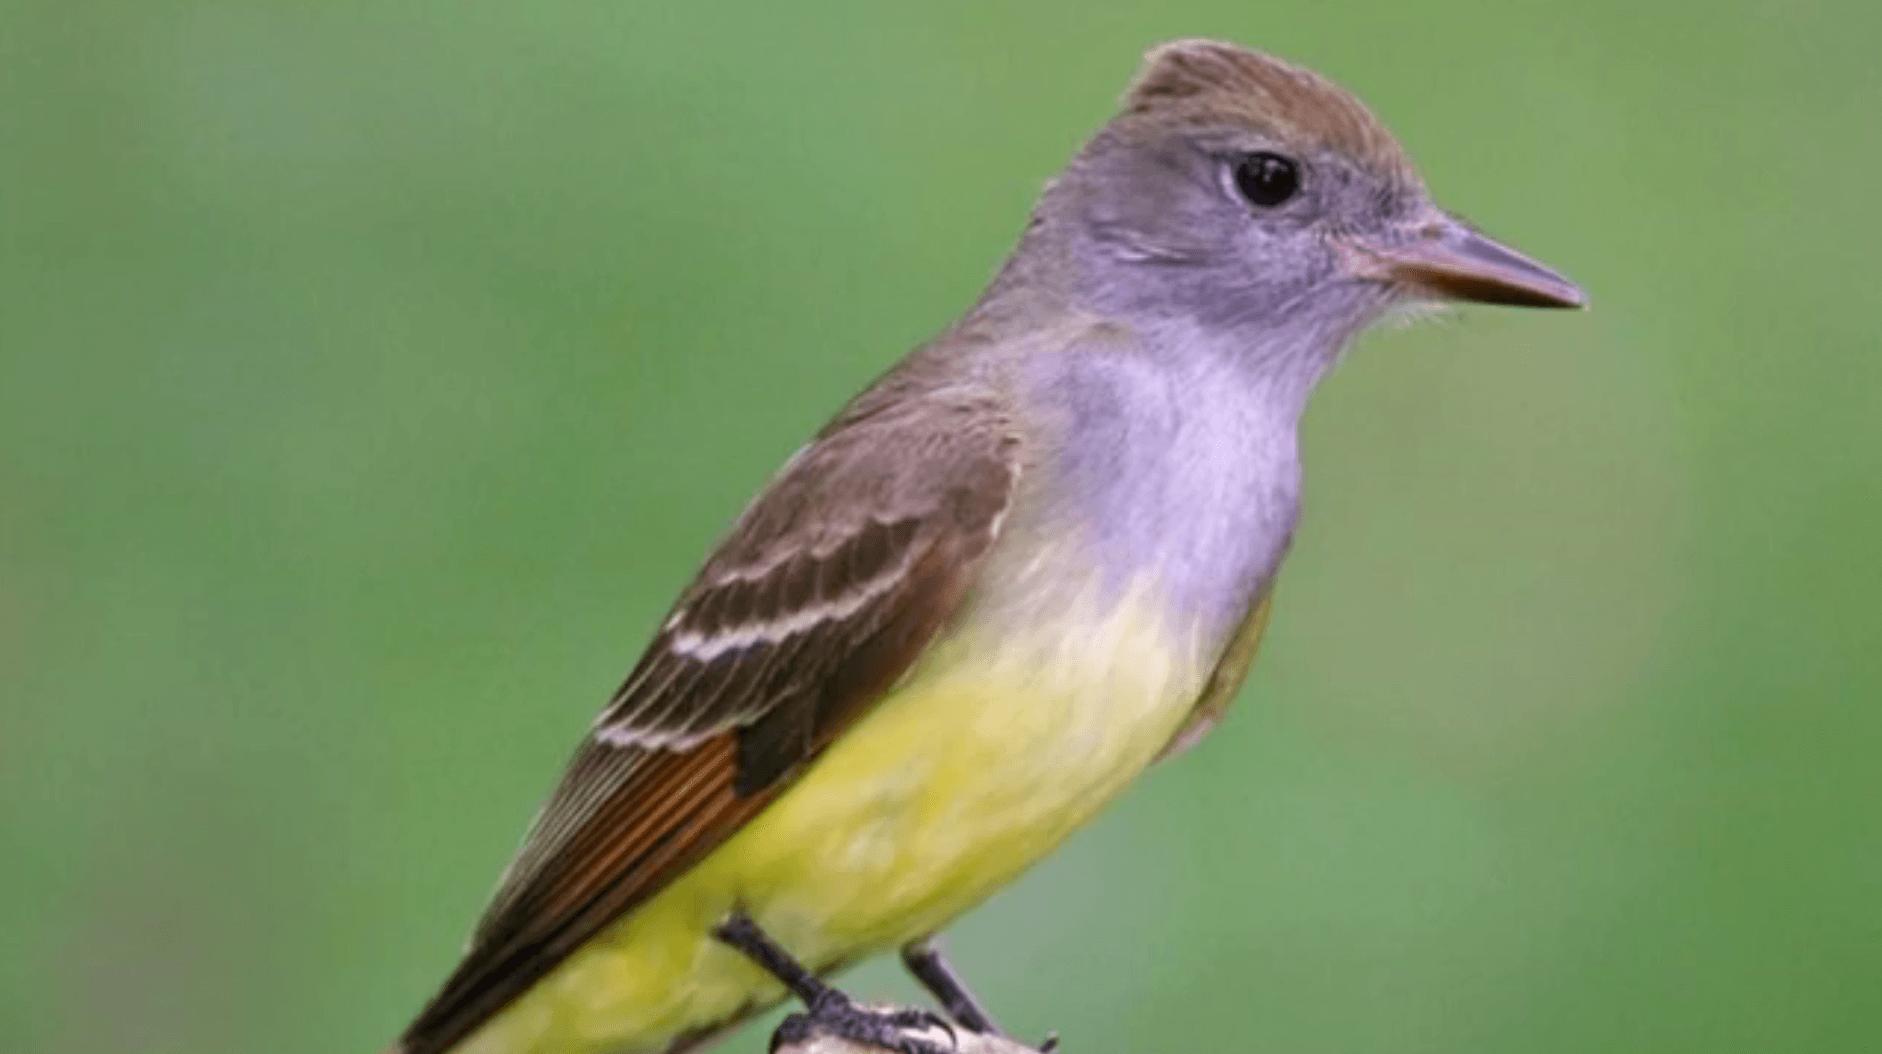 Enjoying and protecting Michigan's birds